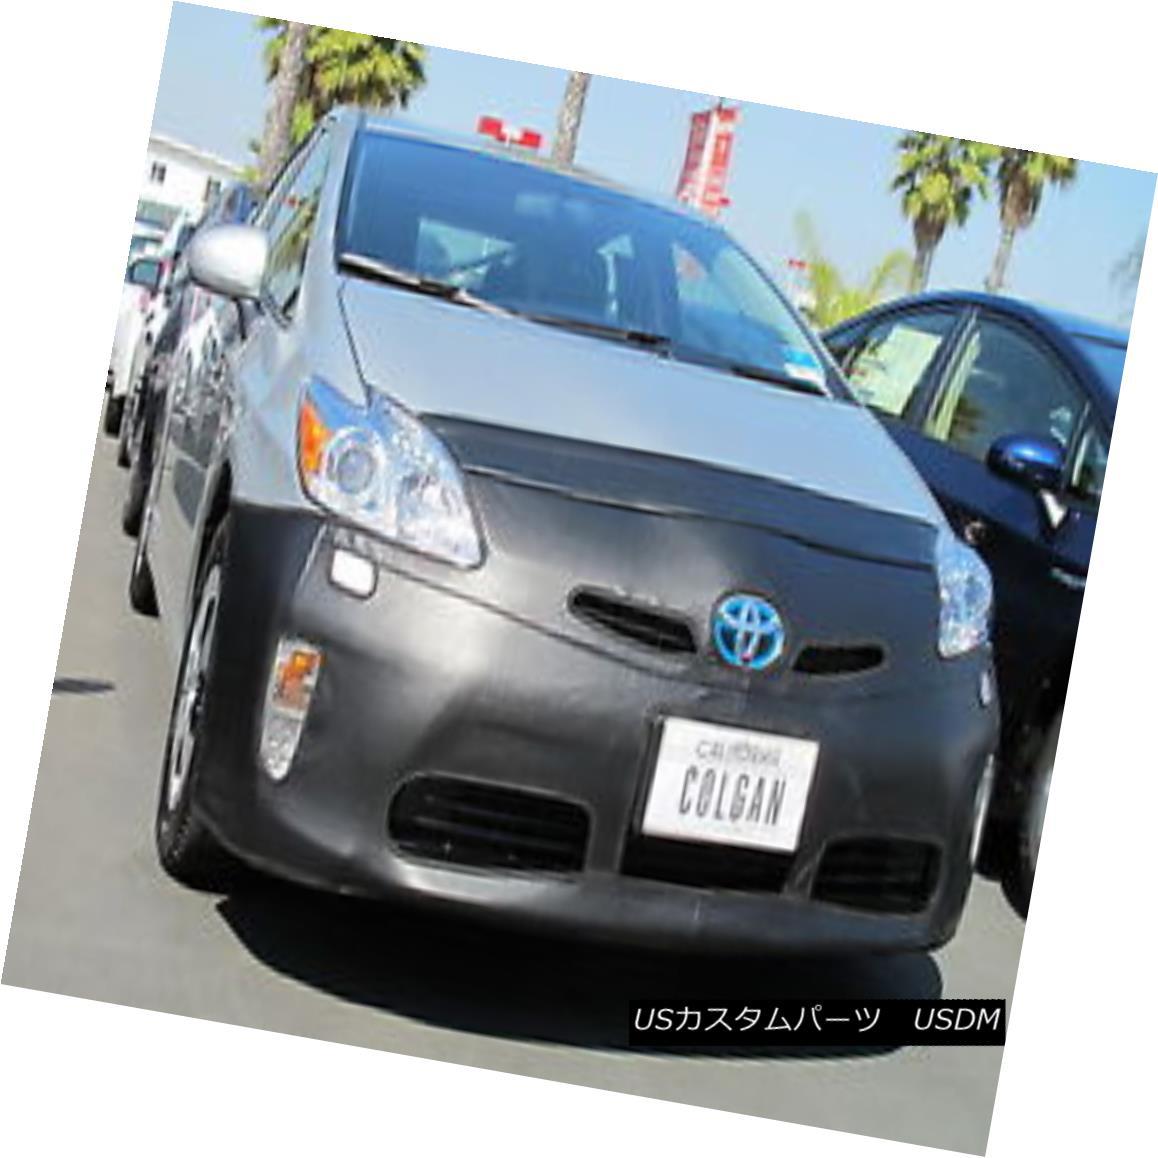 フルブラ ノーズブラ Colgan Front End Mask Bra 2pc. Fits Toyota Prius 2012-15 W/O License Plate  コルガンフロントエンドマスクブラ2pc Toyota Prius 2012-15 W / Oライセンスプレートに適合